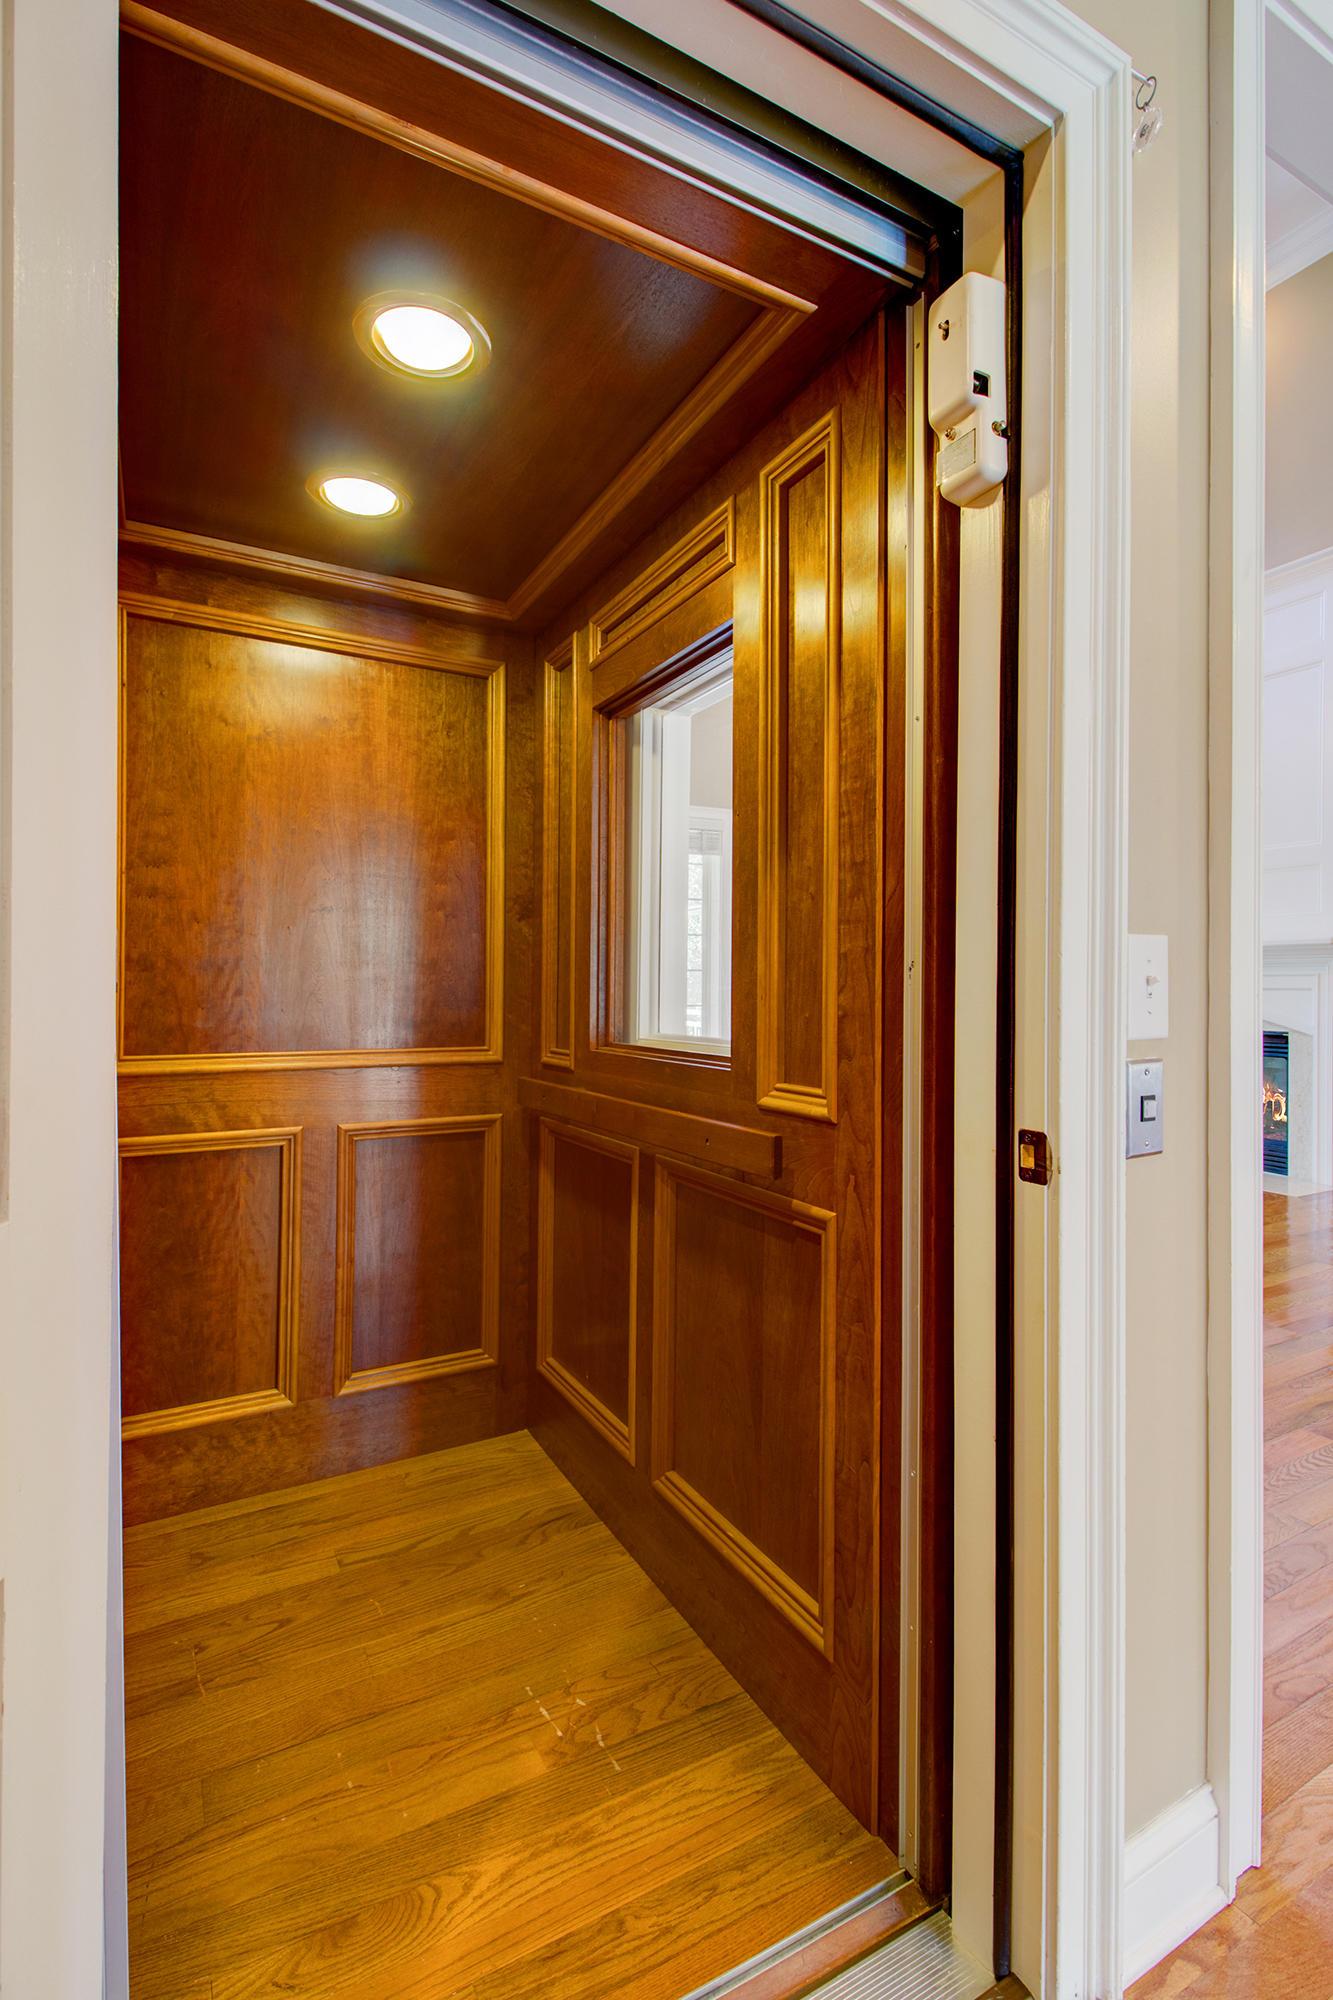 Dunes West Homes For Sale - 2817 Oak Manor, Mount Pleasant, SC - 47